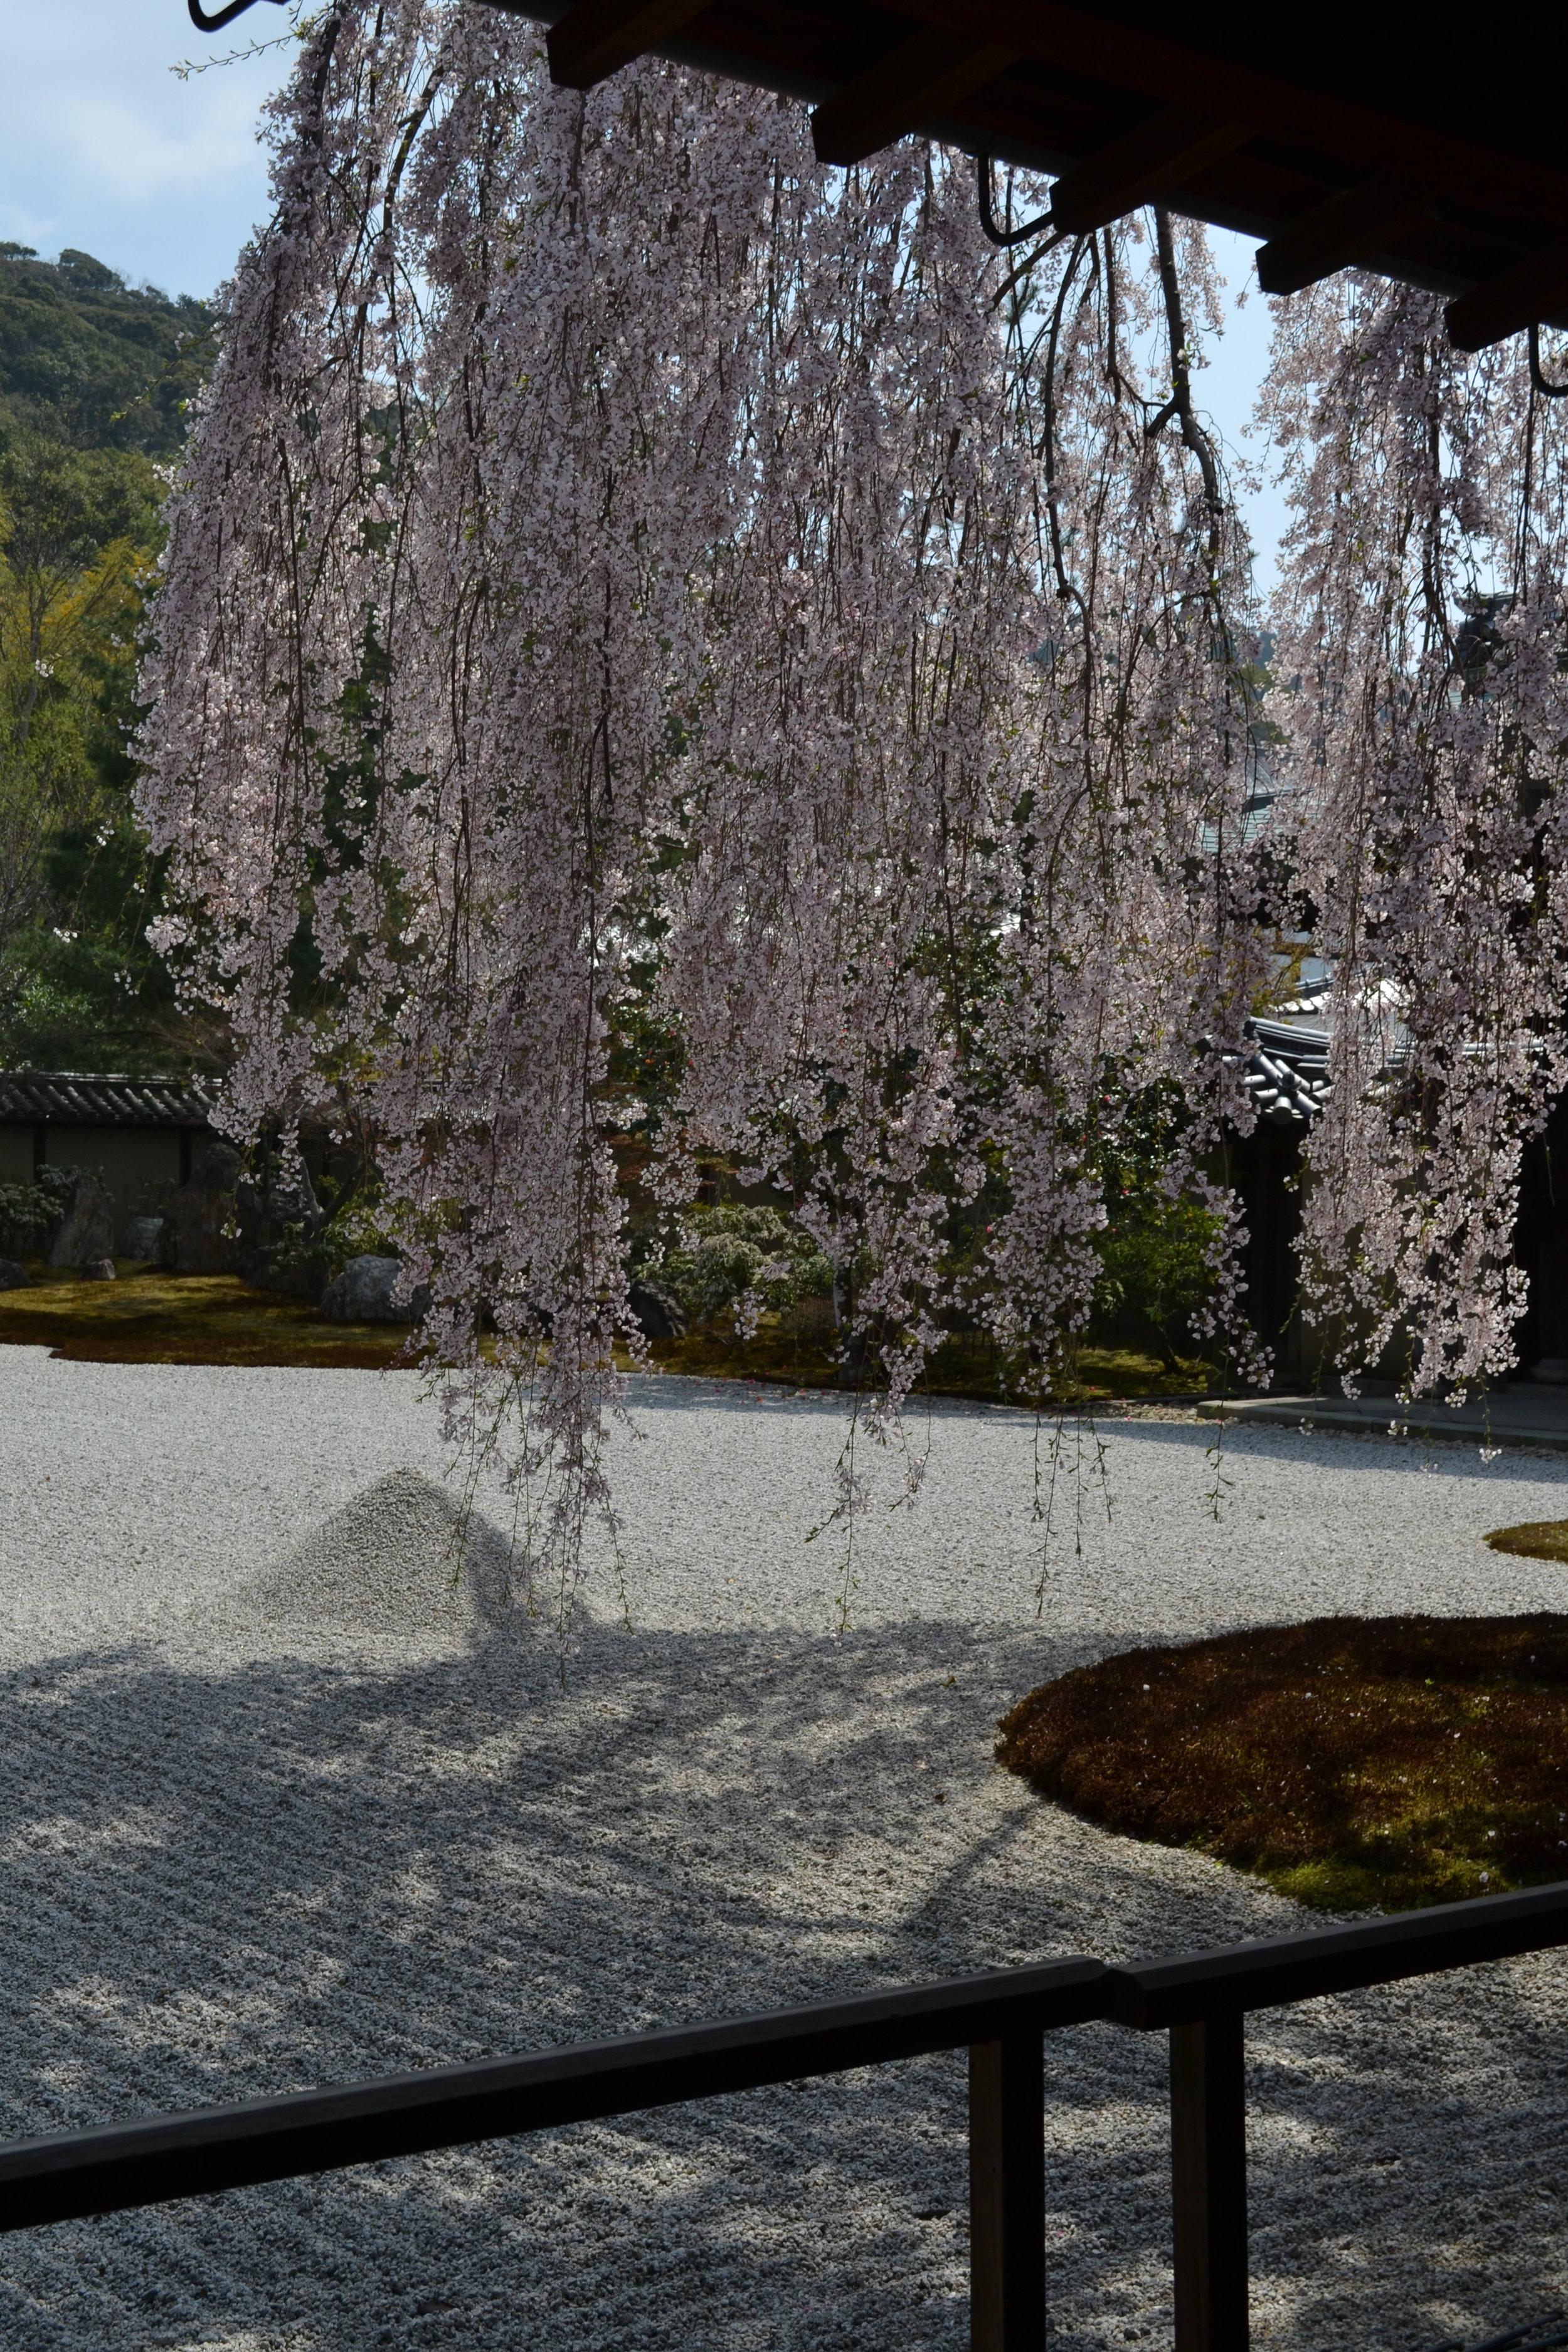 Una mirada más cerca del árbol shidarezakura.